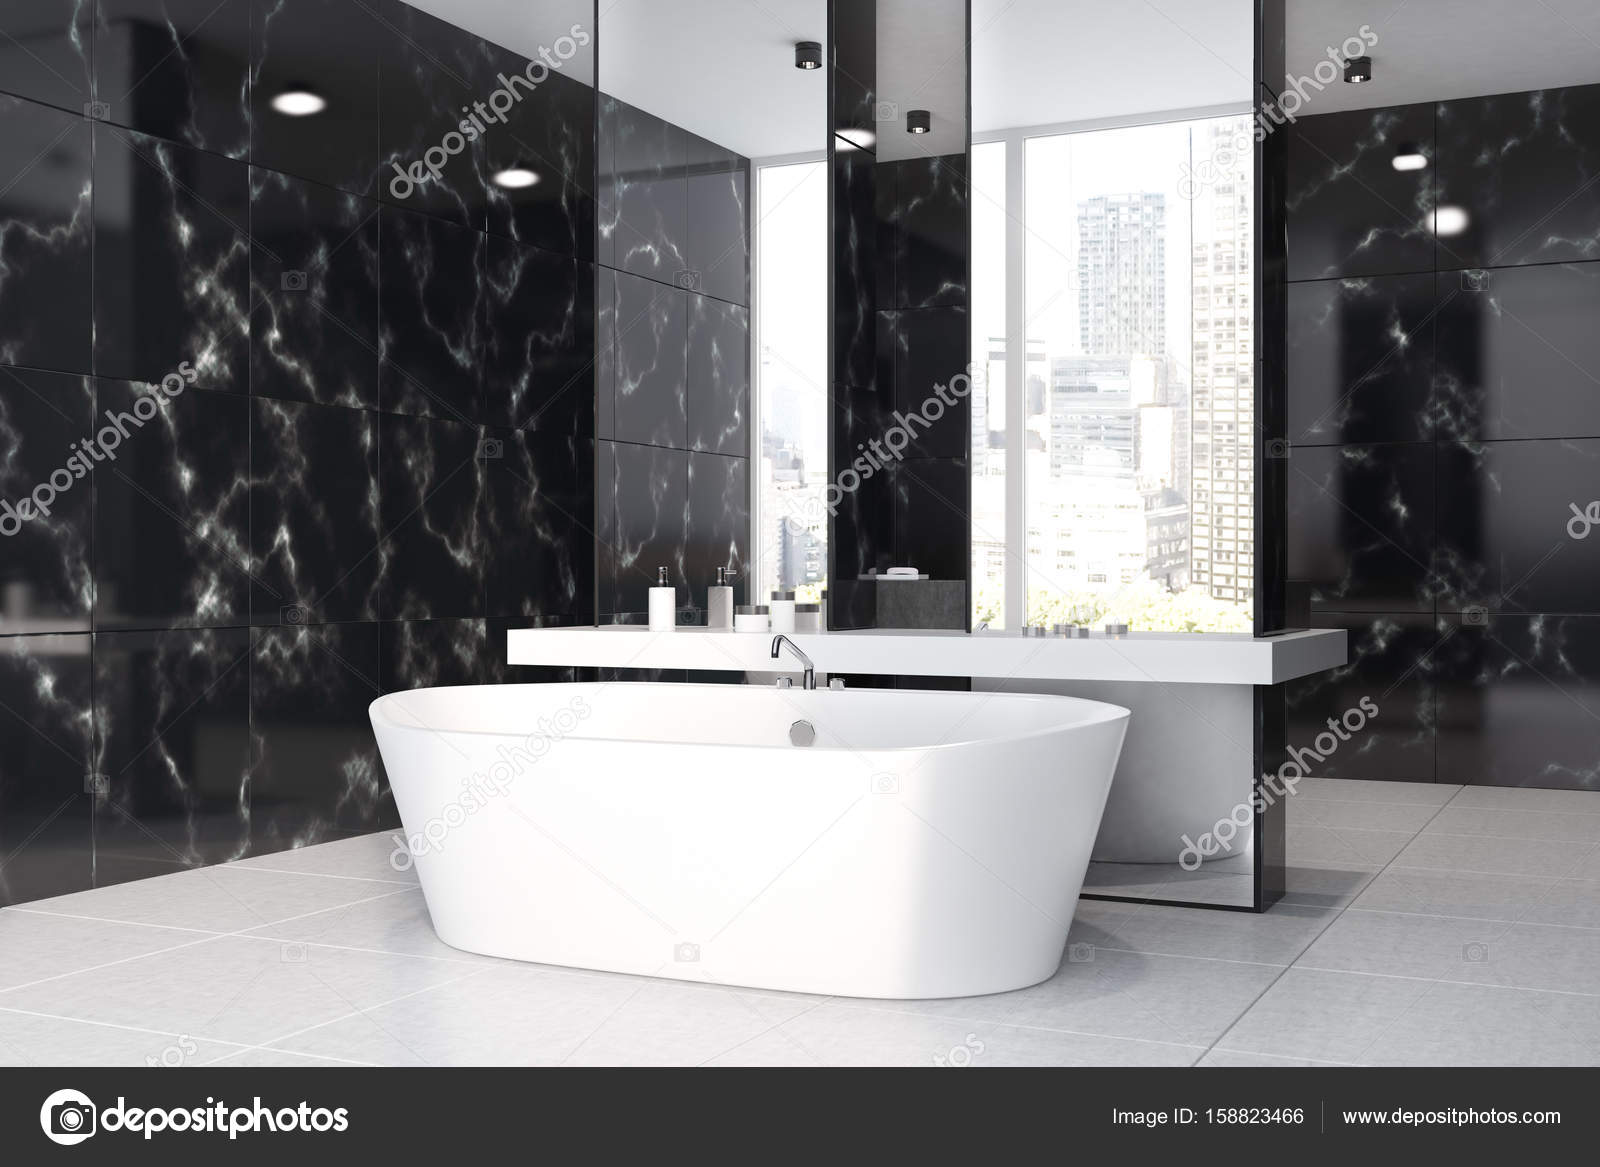 Salle de bain sans fenetre carrelage mtro blanc dans la of for Moisissure dans la salle de bain